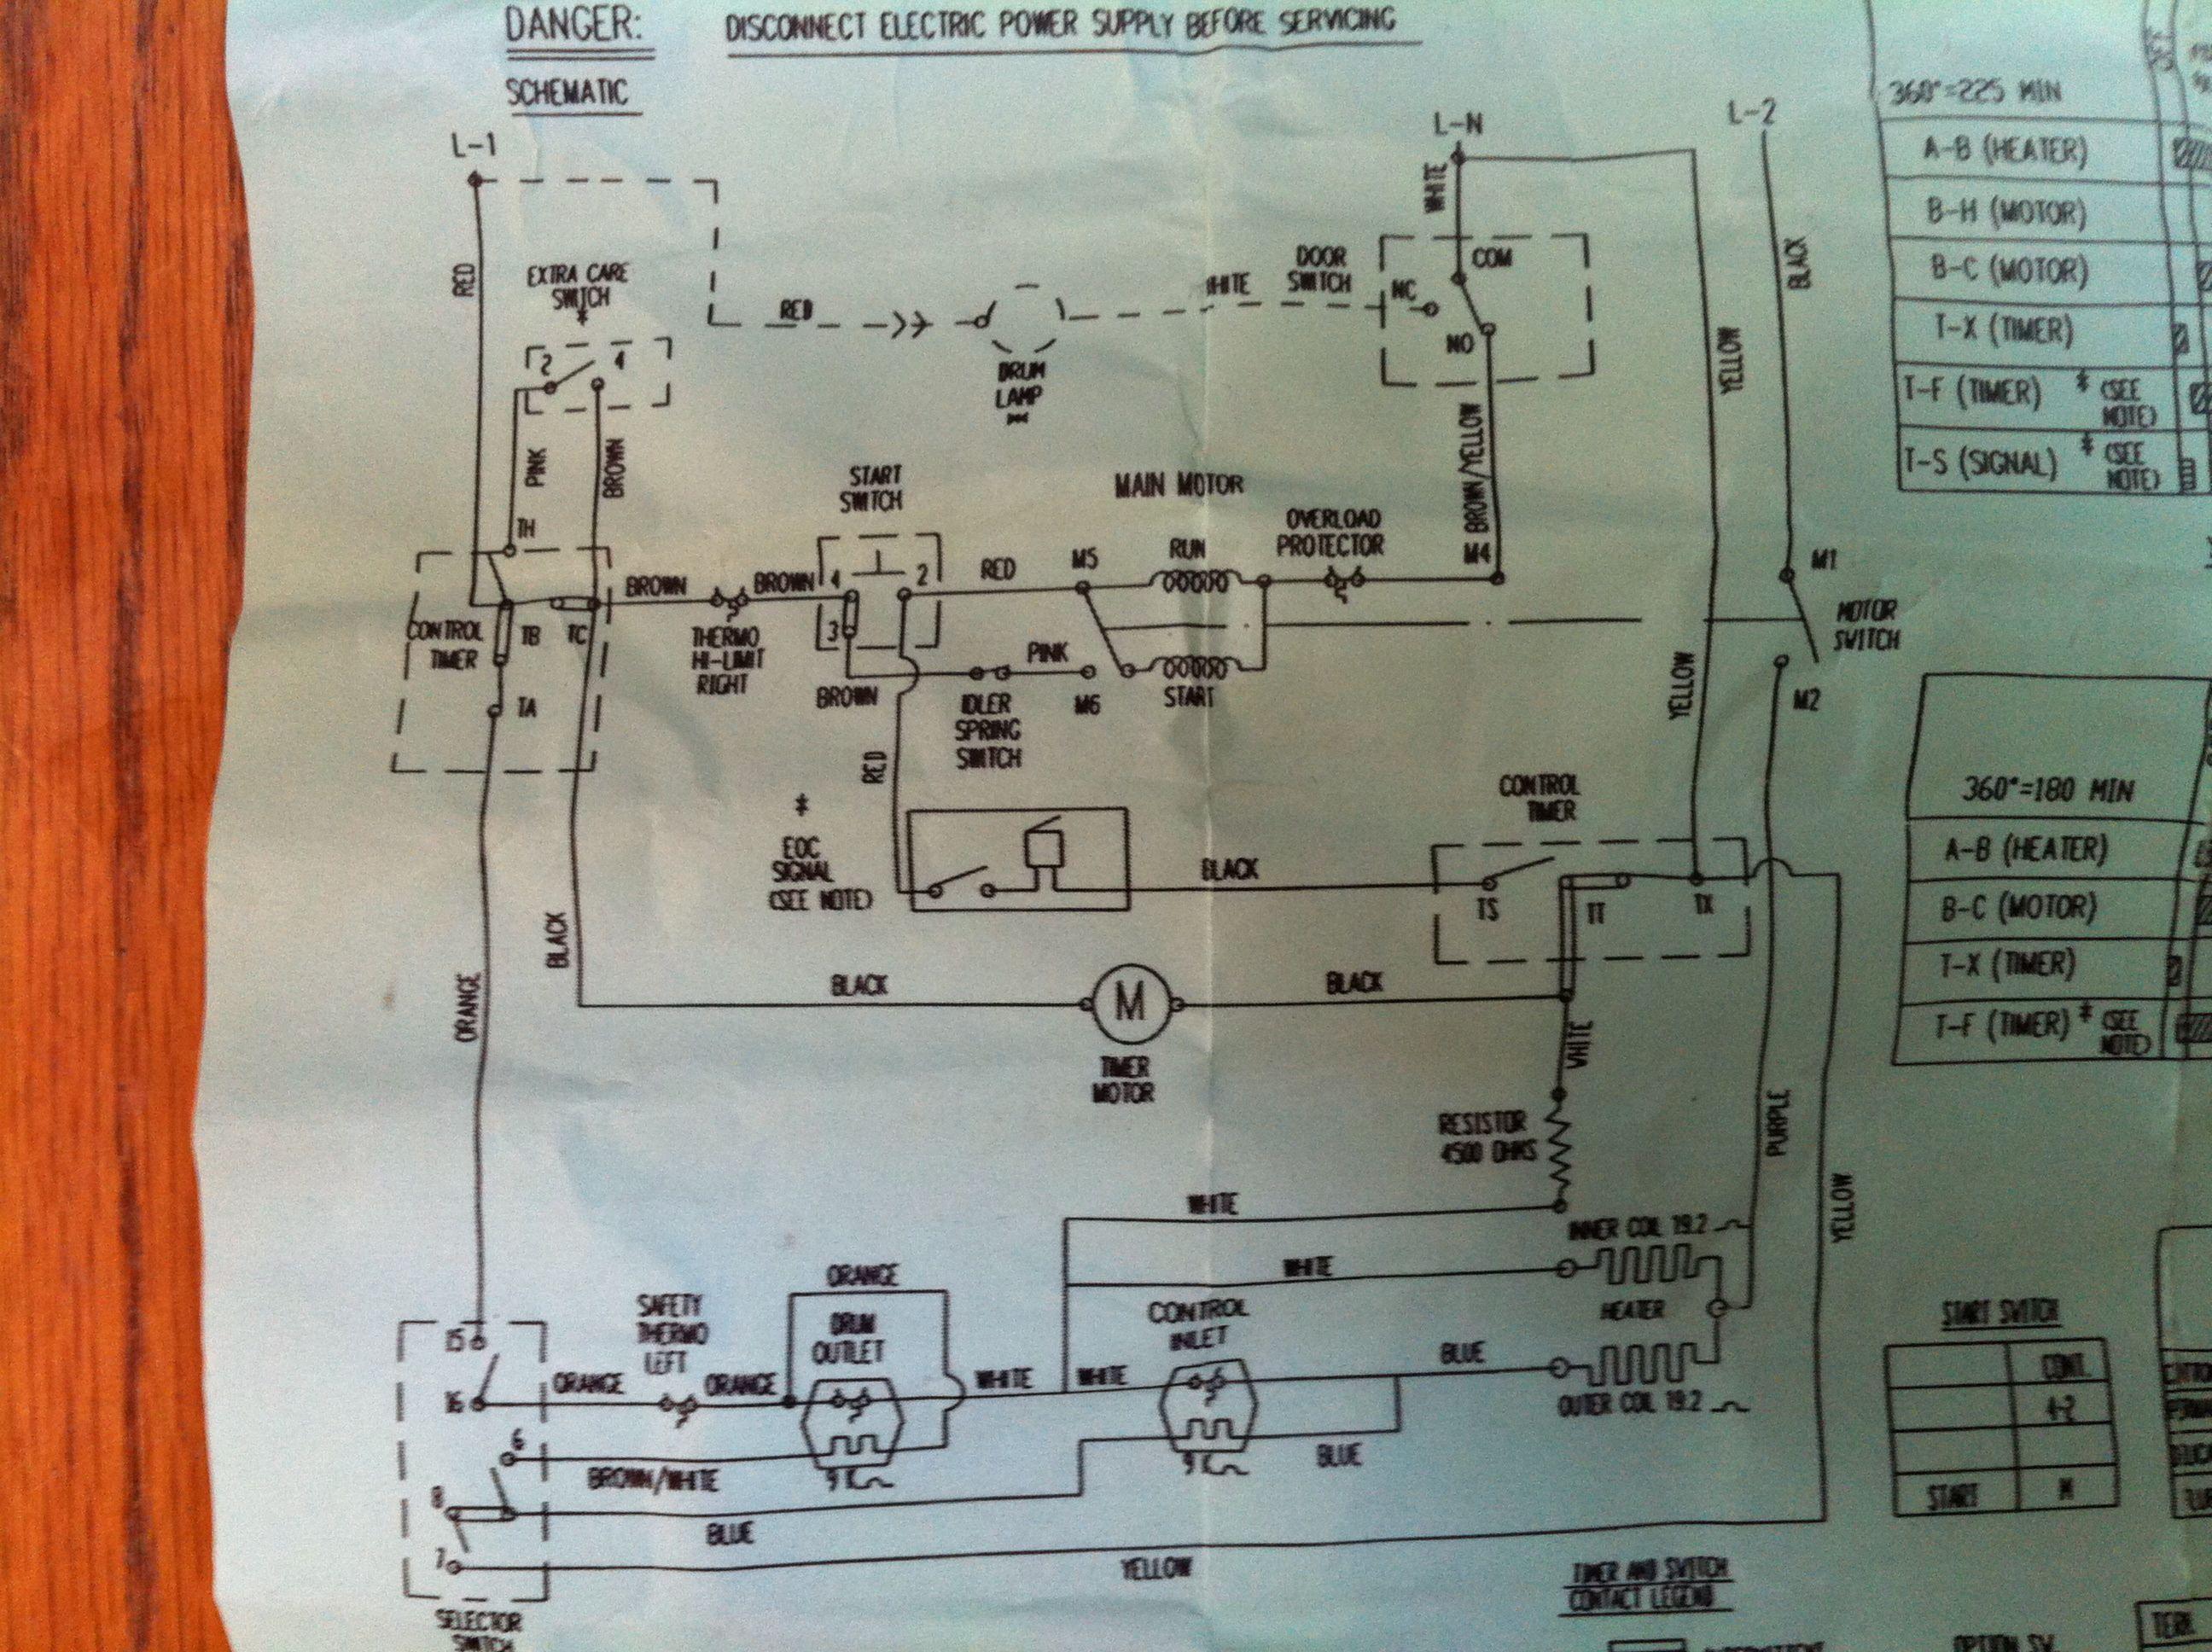 Ge Clothes Dryer Wiring Diagram - S10 Turn Signal Wiring Diagram -  pontloon.yenpancane.jeanjaures37.fr   Ge Electric Clothes Dryer Wiring Diagram      Wiring Diagram Resource